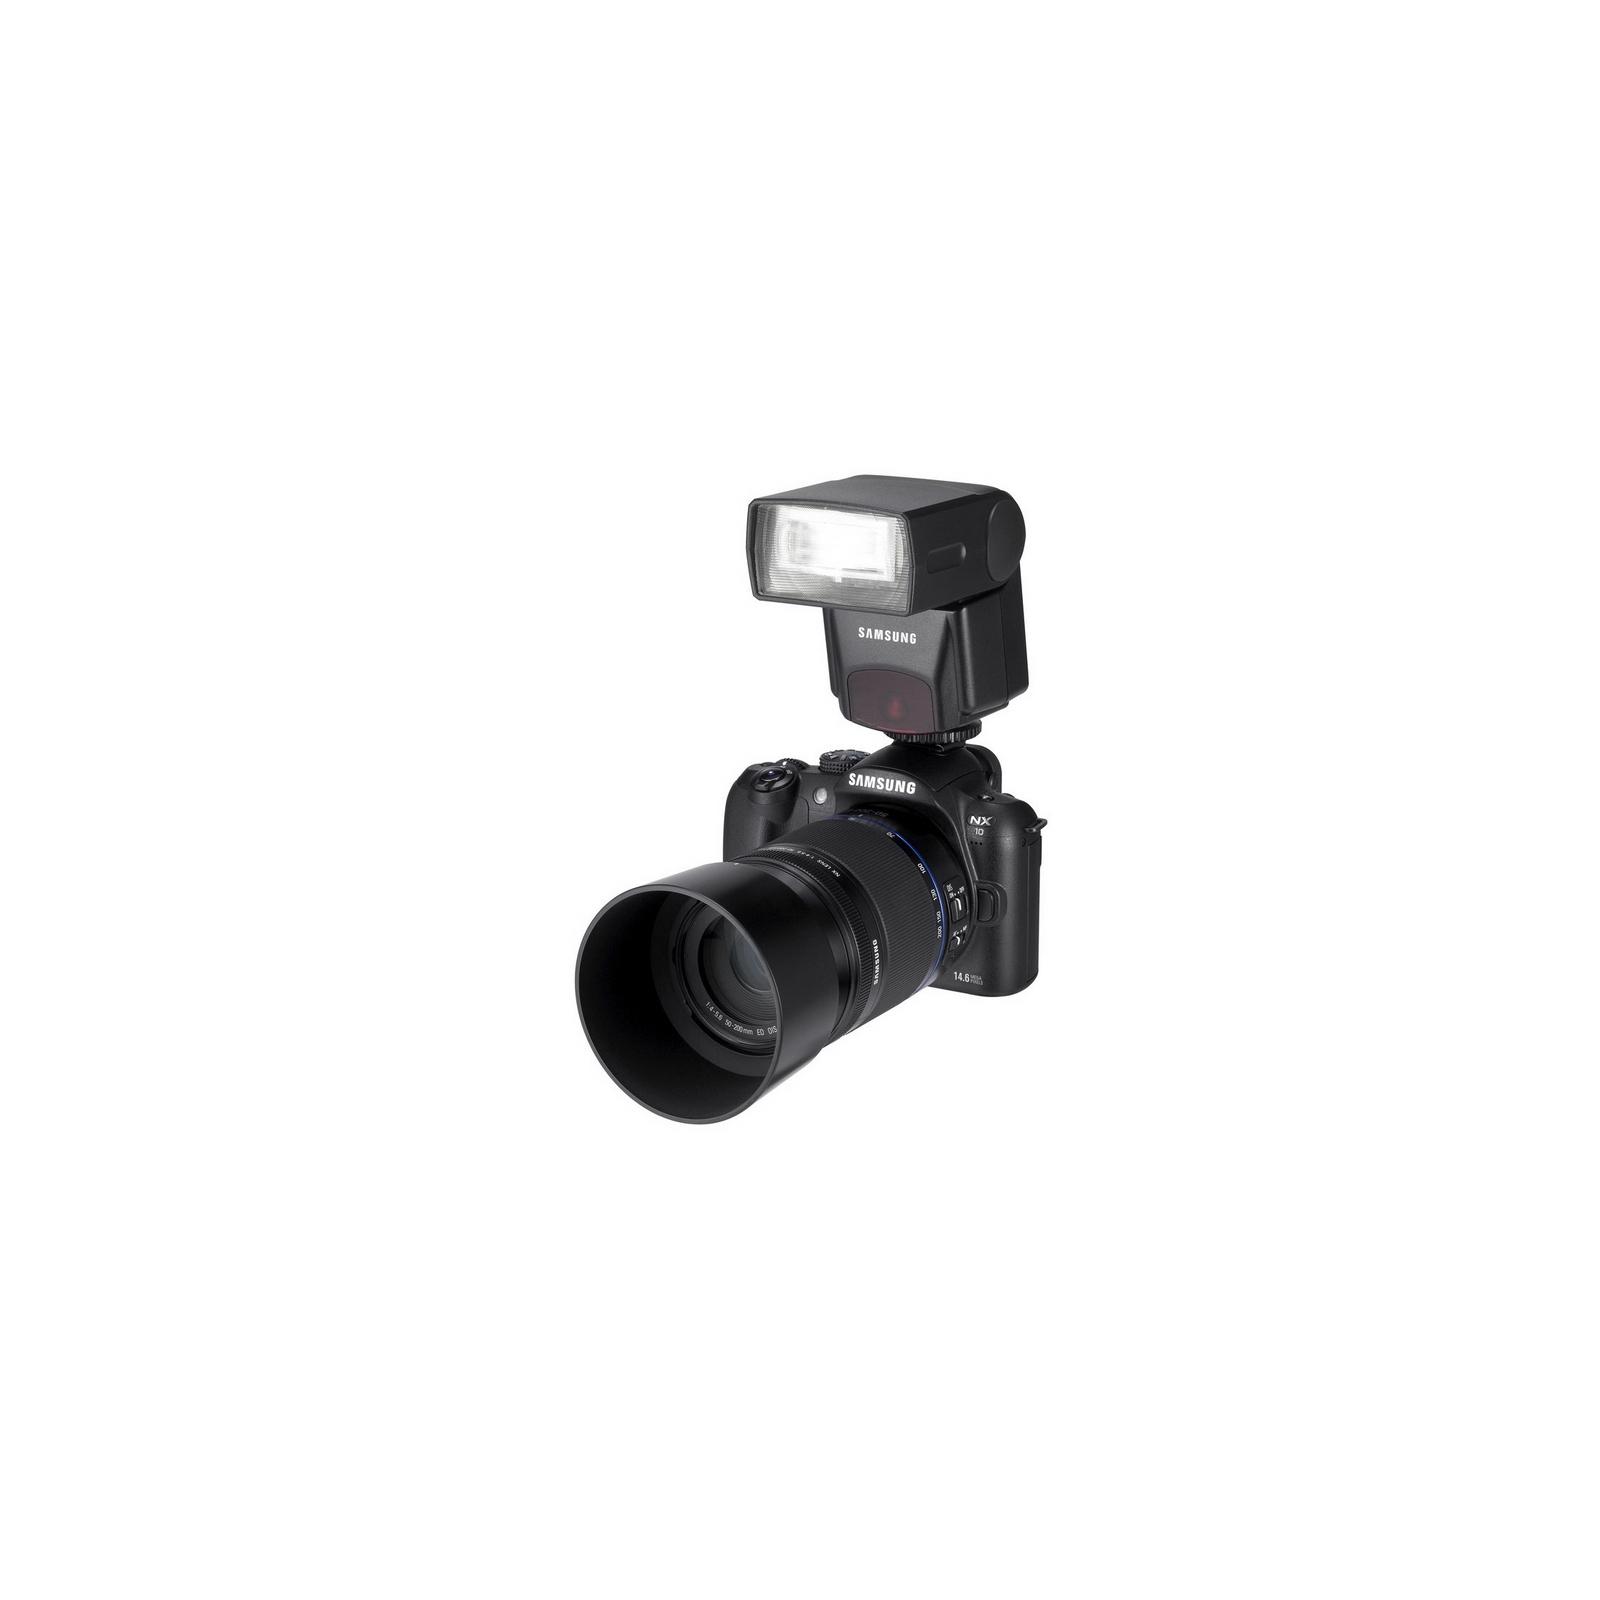 Вспышка Samsung Flash ED-SEF42A (ED-SEF42A) изображение 6